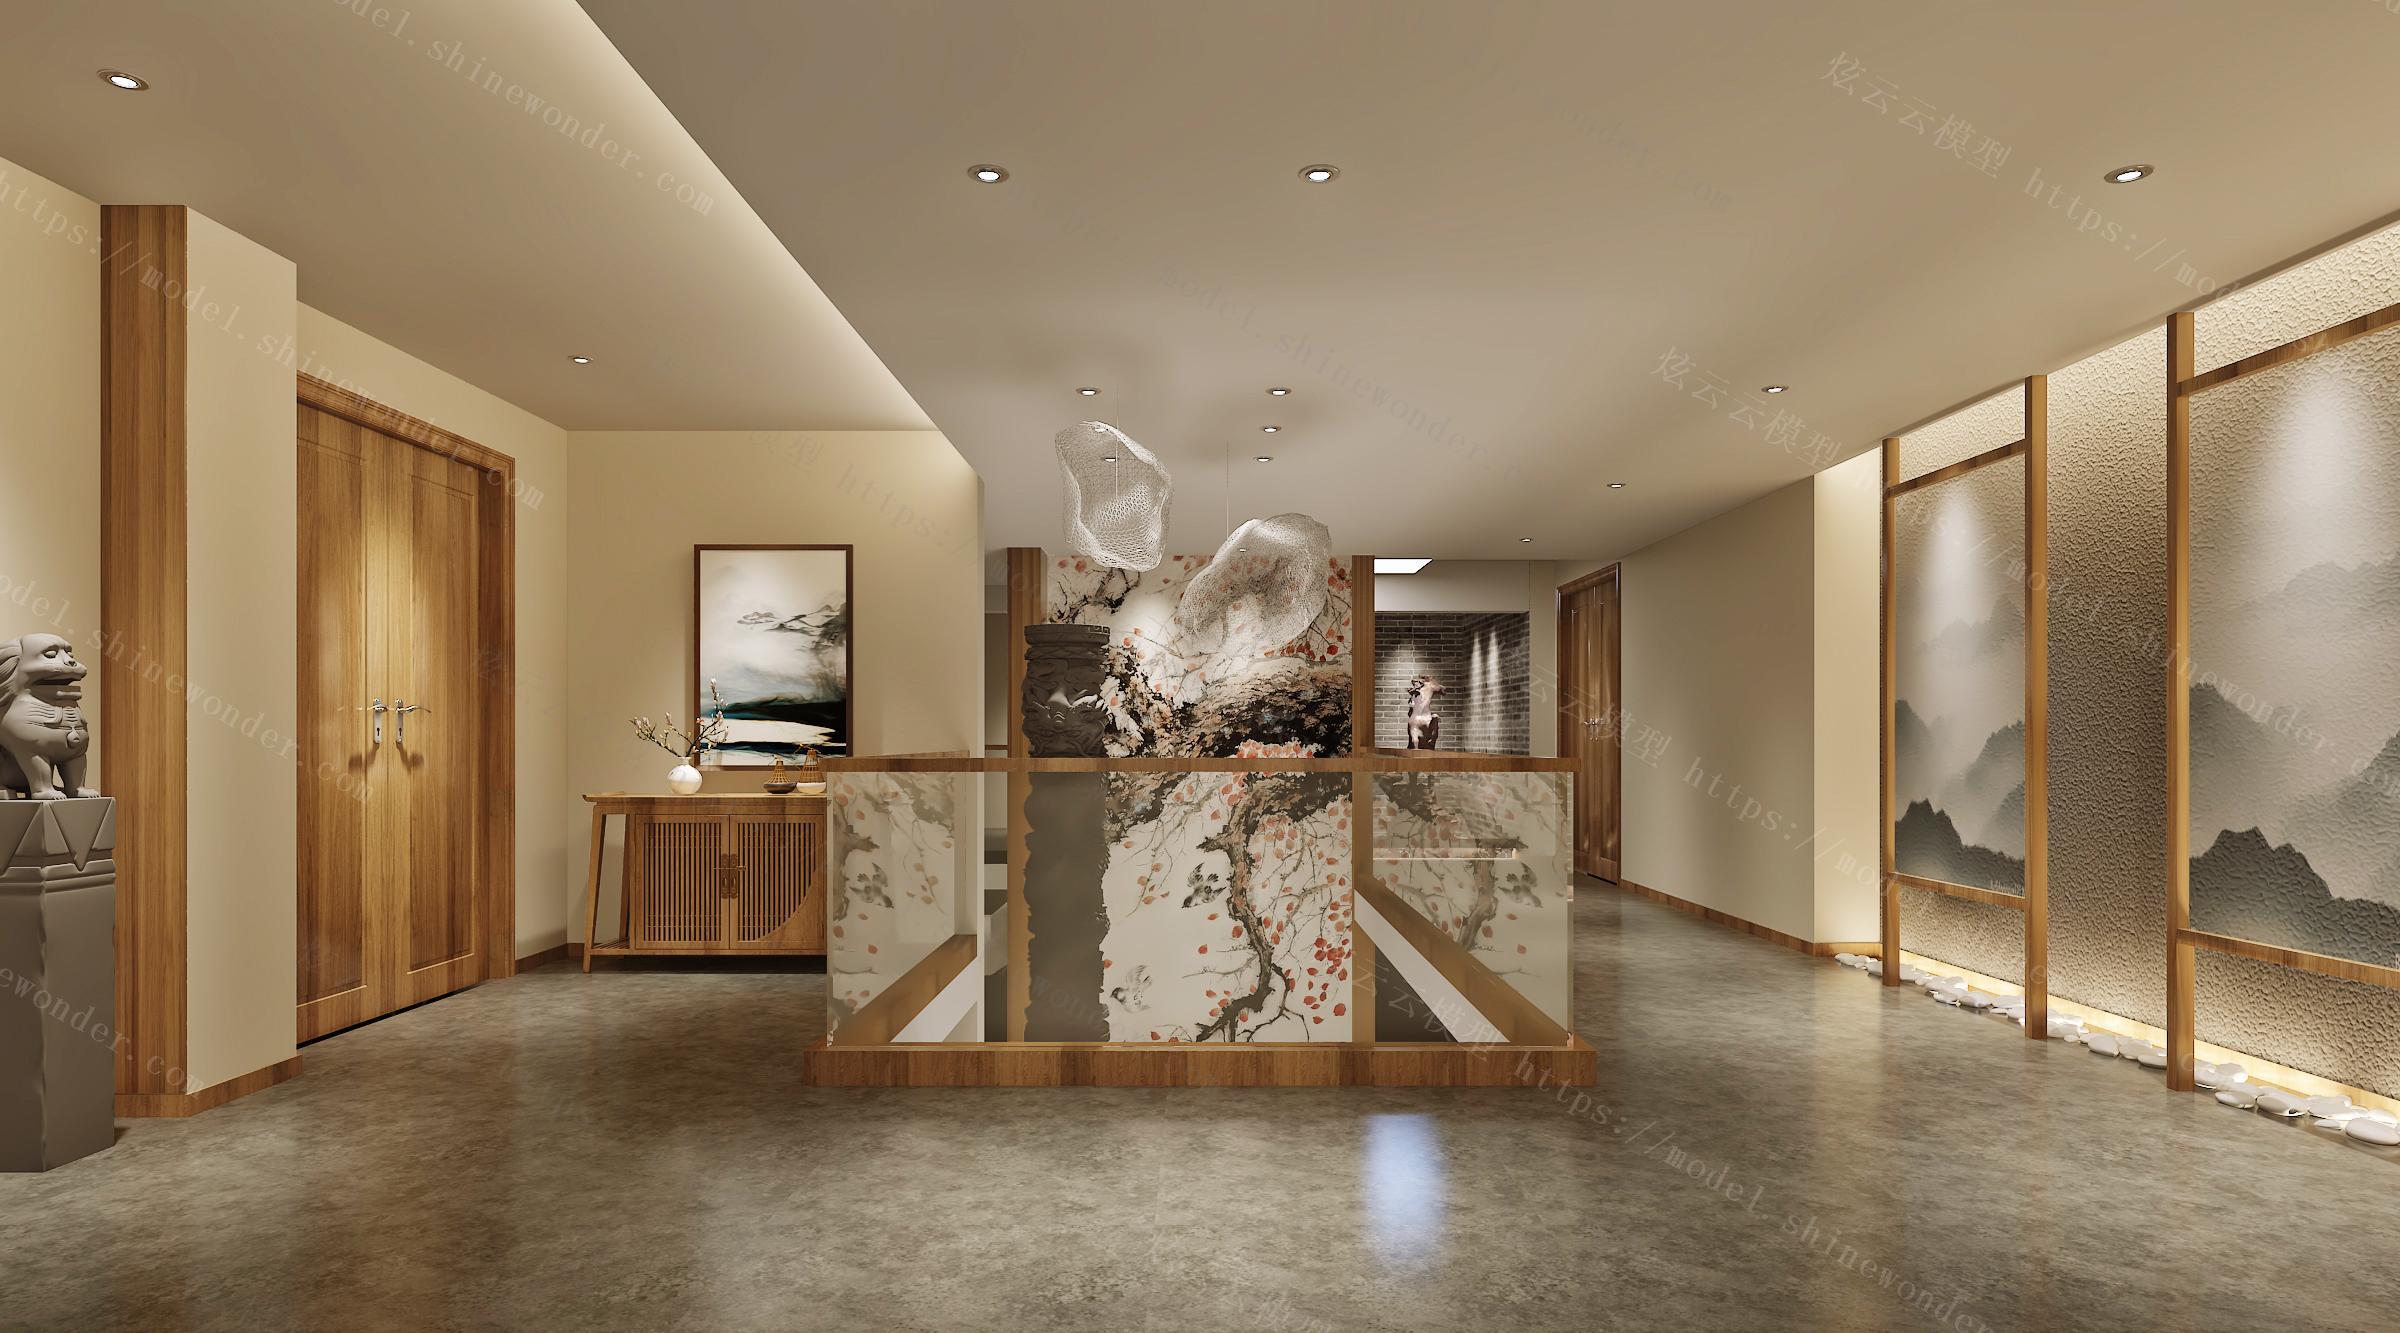 中式客房过道模型